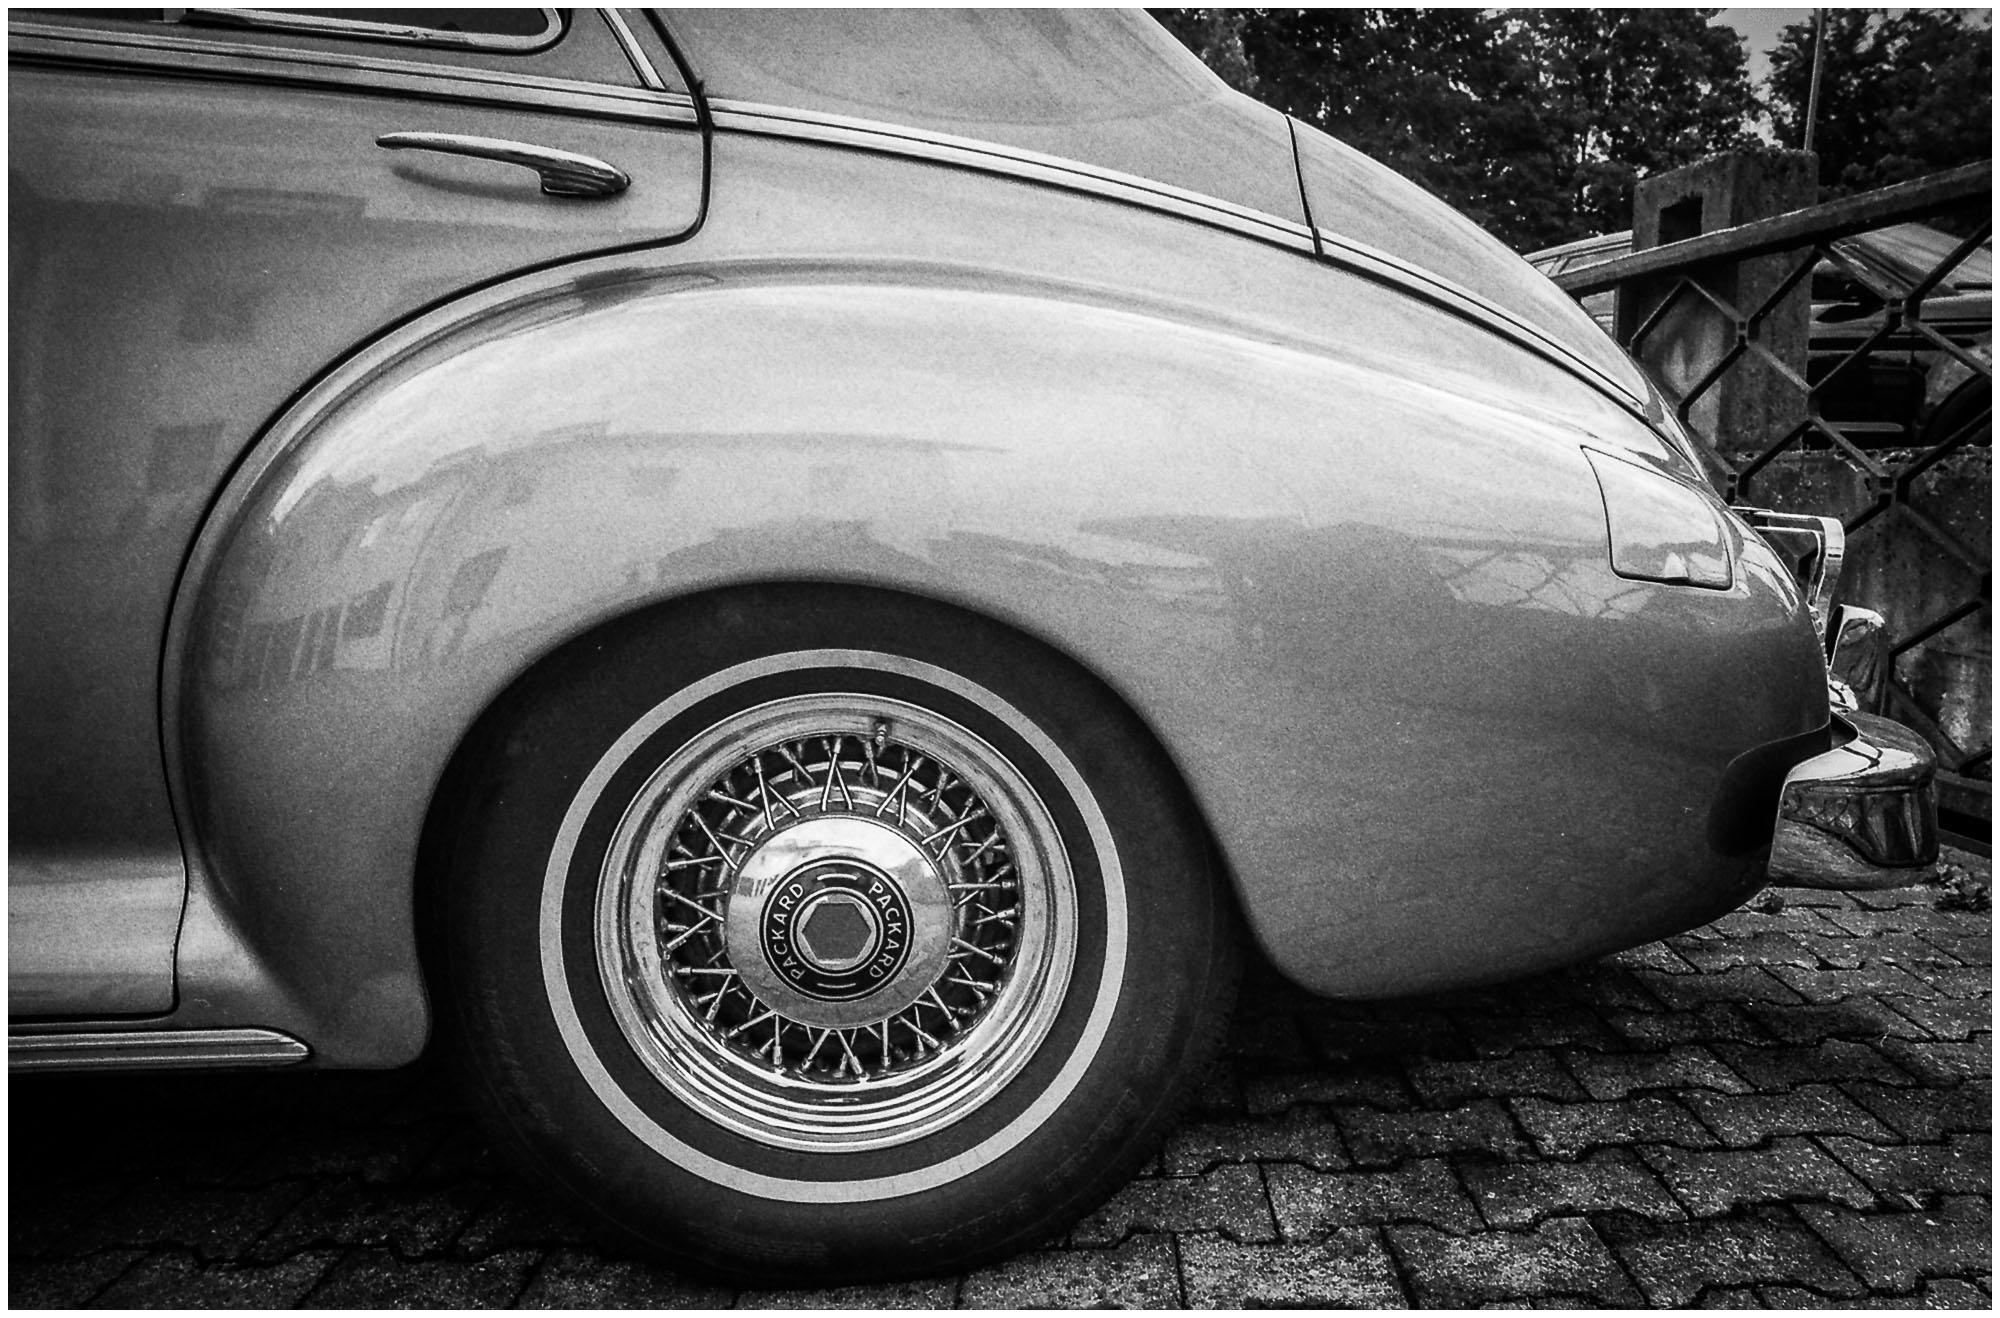 UnclePete / 1947er Packard Super Clipper - OM4T/24mm/FP4/ISO200